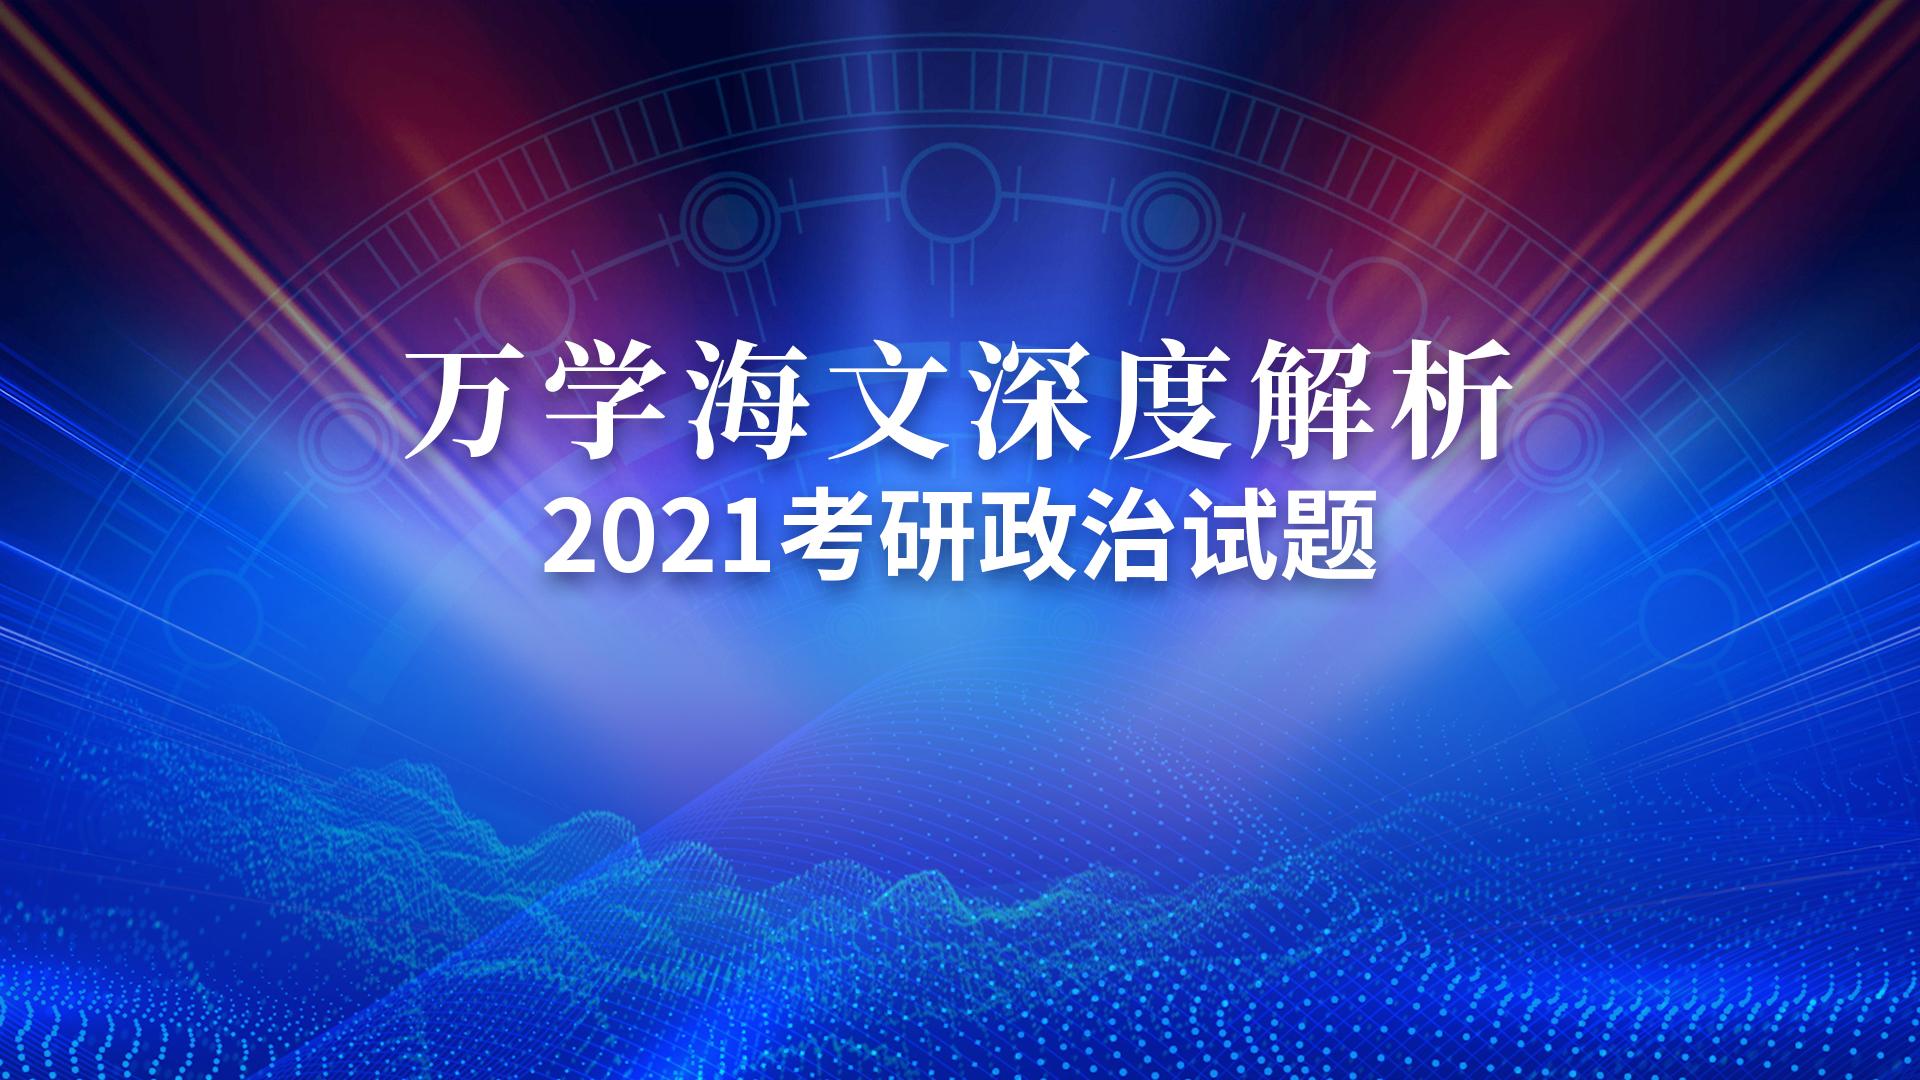 万学海文老师郭继武做客腾讯教育解析2021考研政治试题